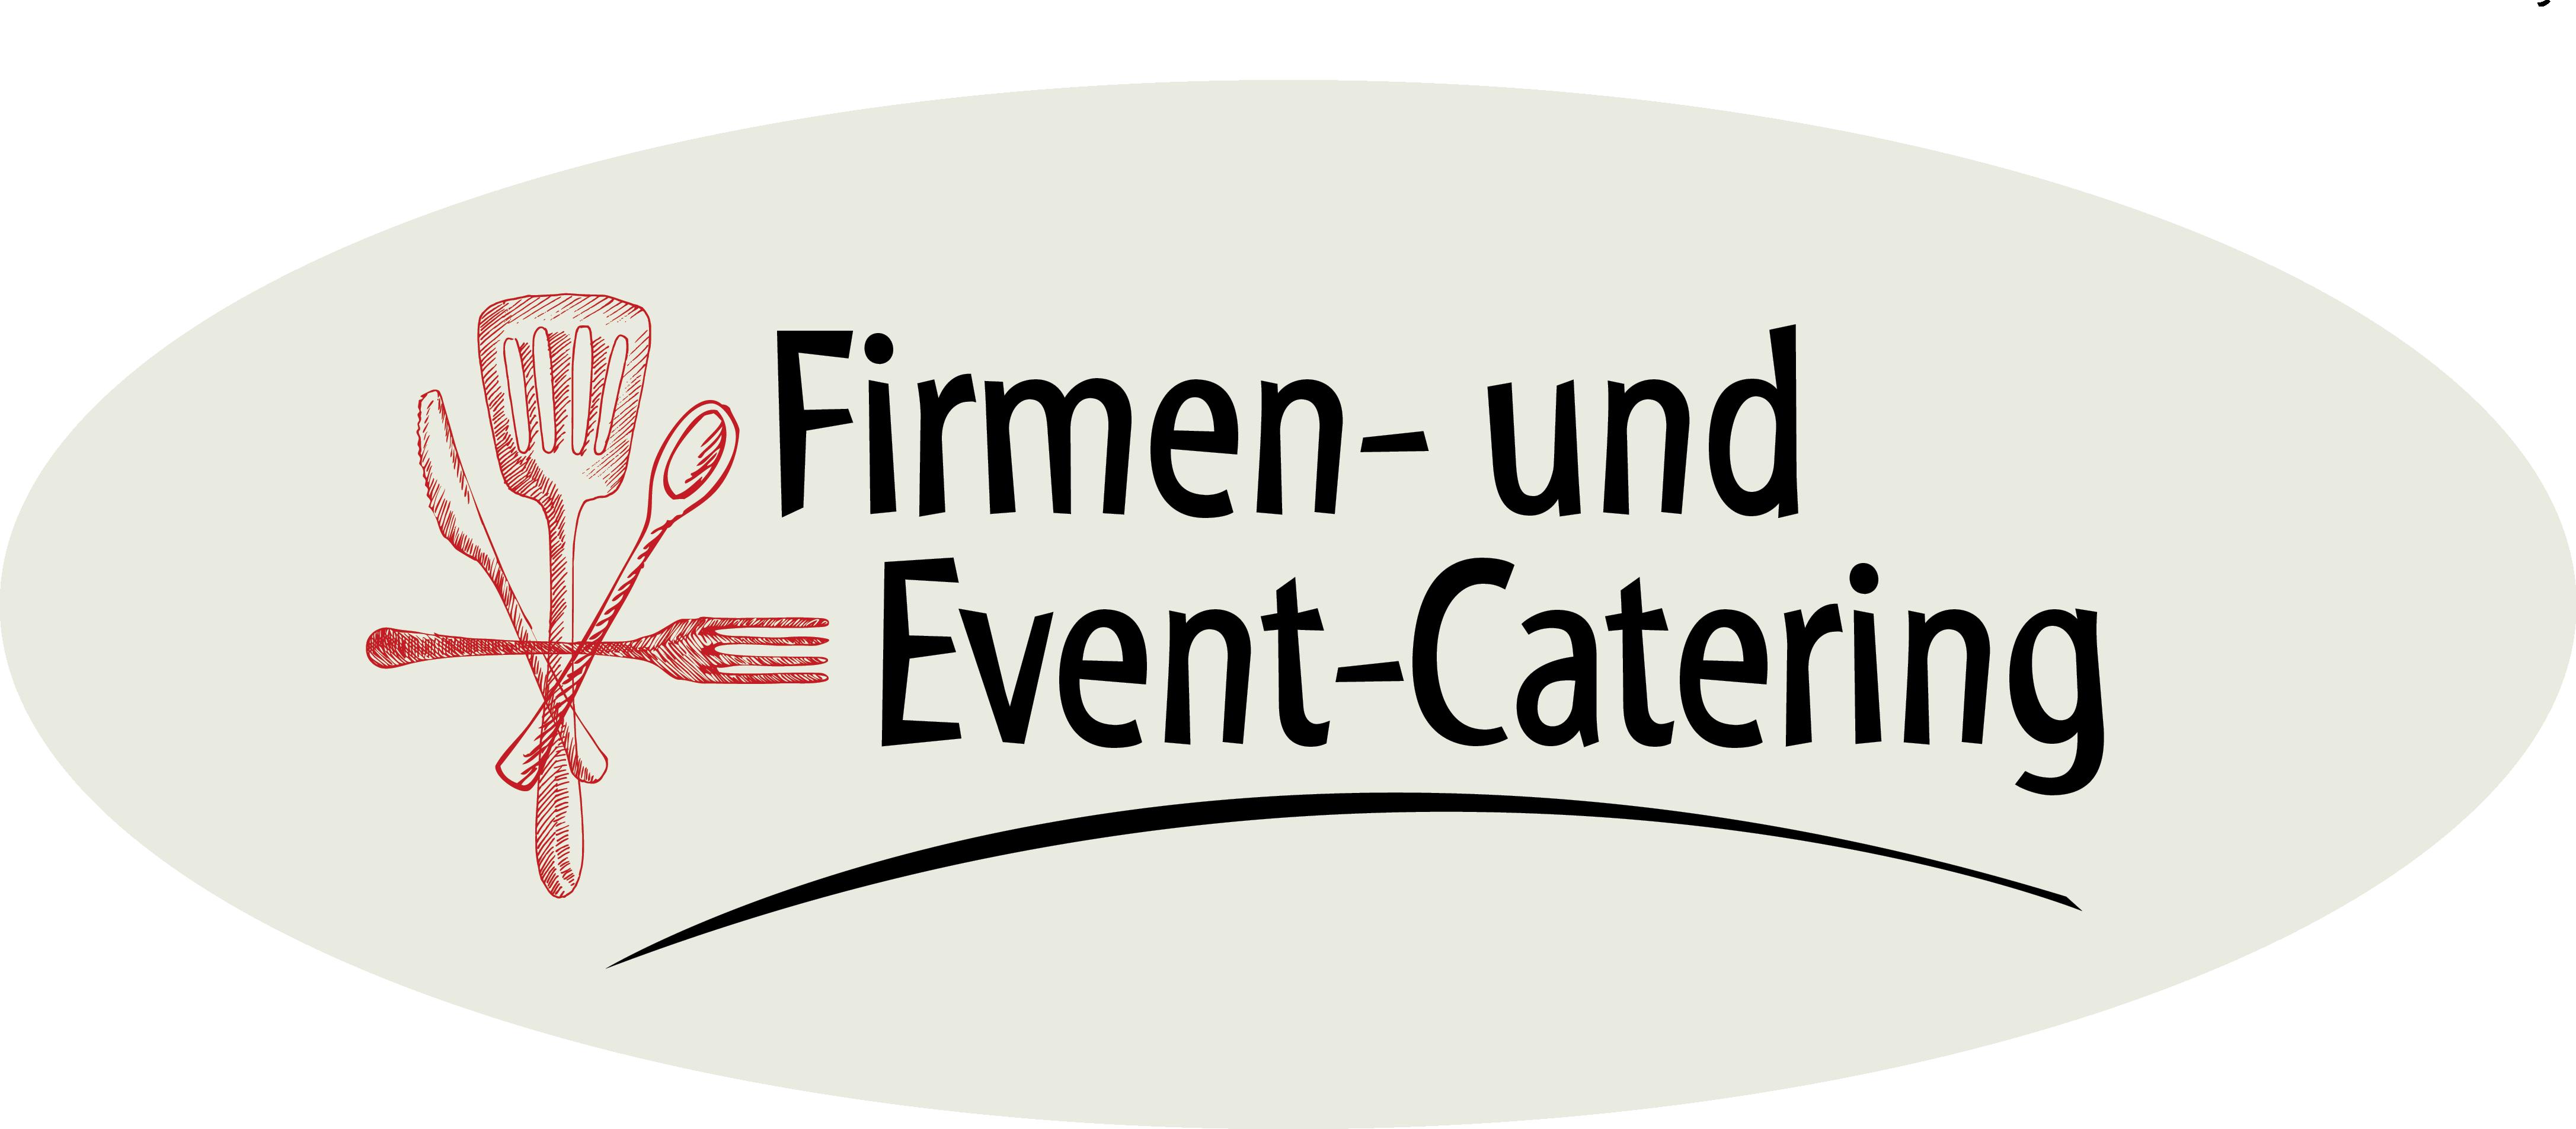 Firmen- und Event-Catering